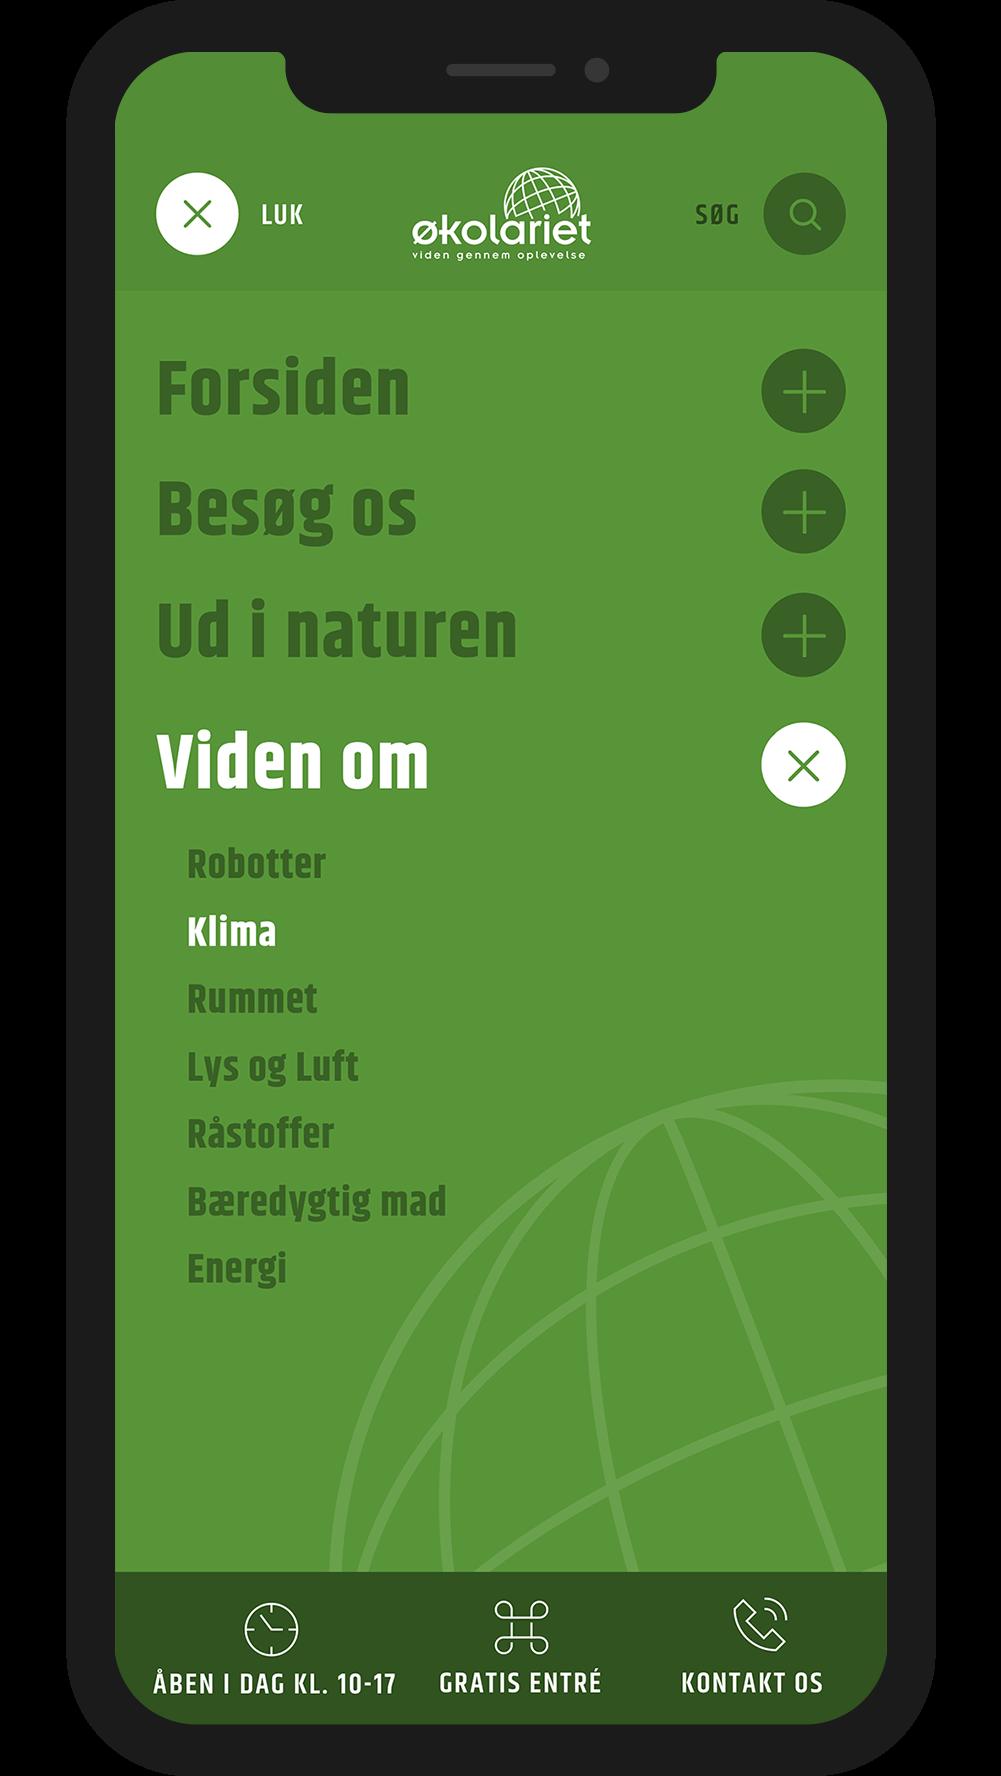 okolariet-menu.png